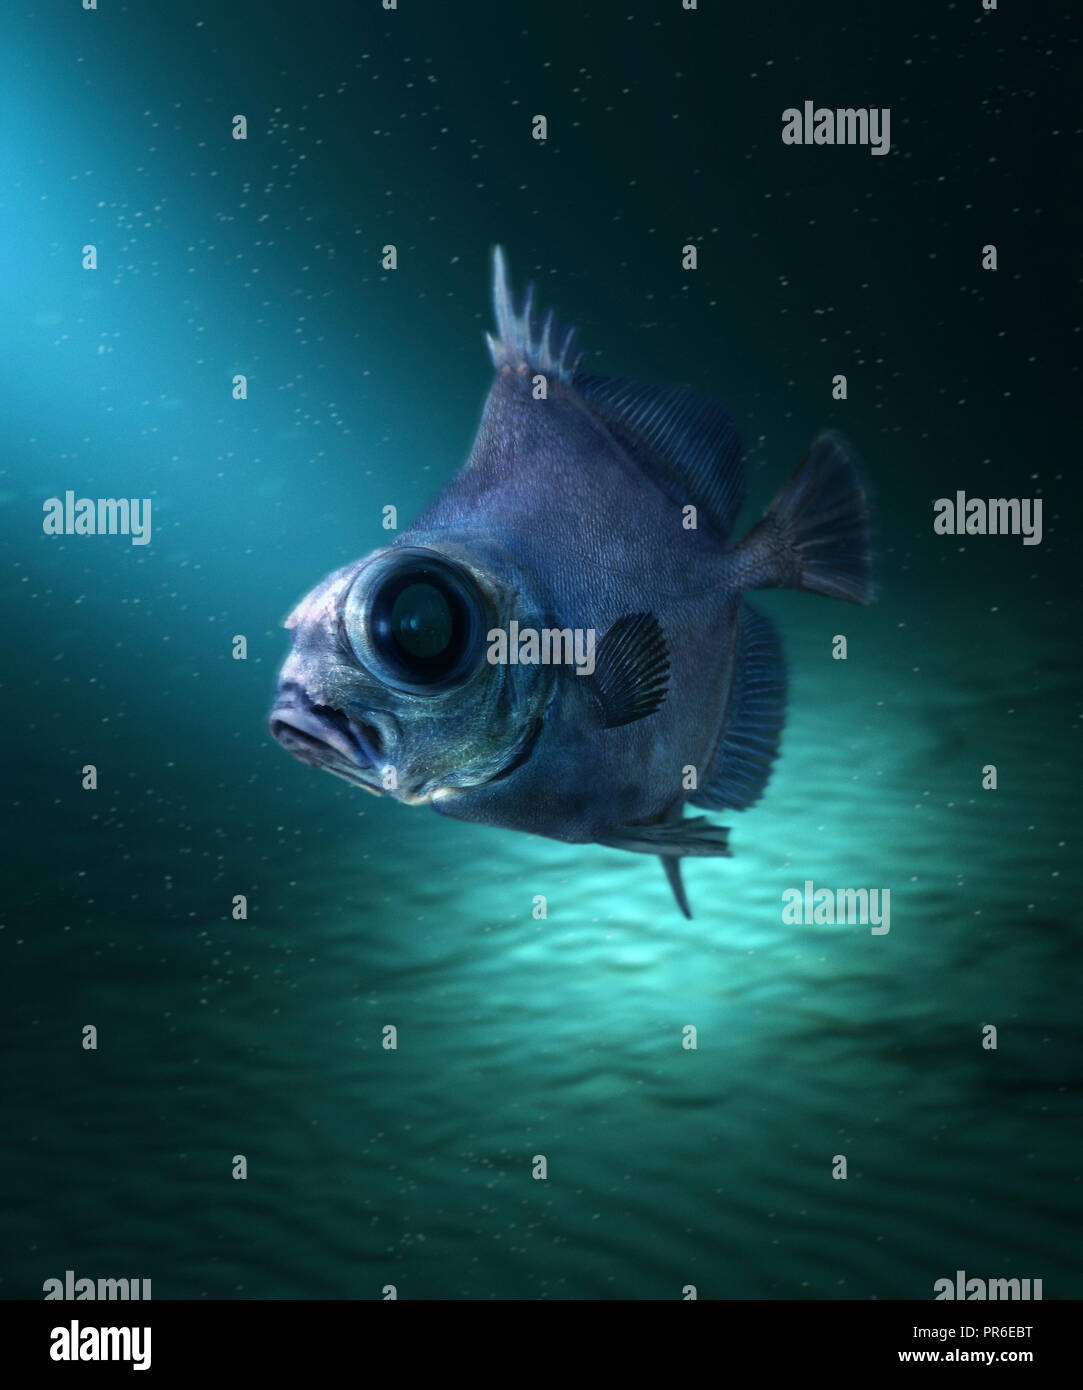 Neocyttus helgae, Falsche boarfish, Schwimmen. Fische, die in der Tiefsee leben zwischen 900 und 1800 m Tiefe in der Nähe von Untiefen. Waren mit Basalt verbunden Stockbild